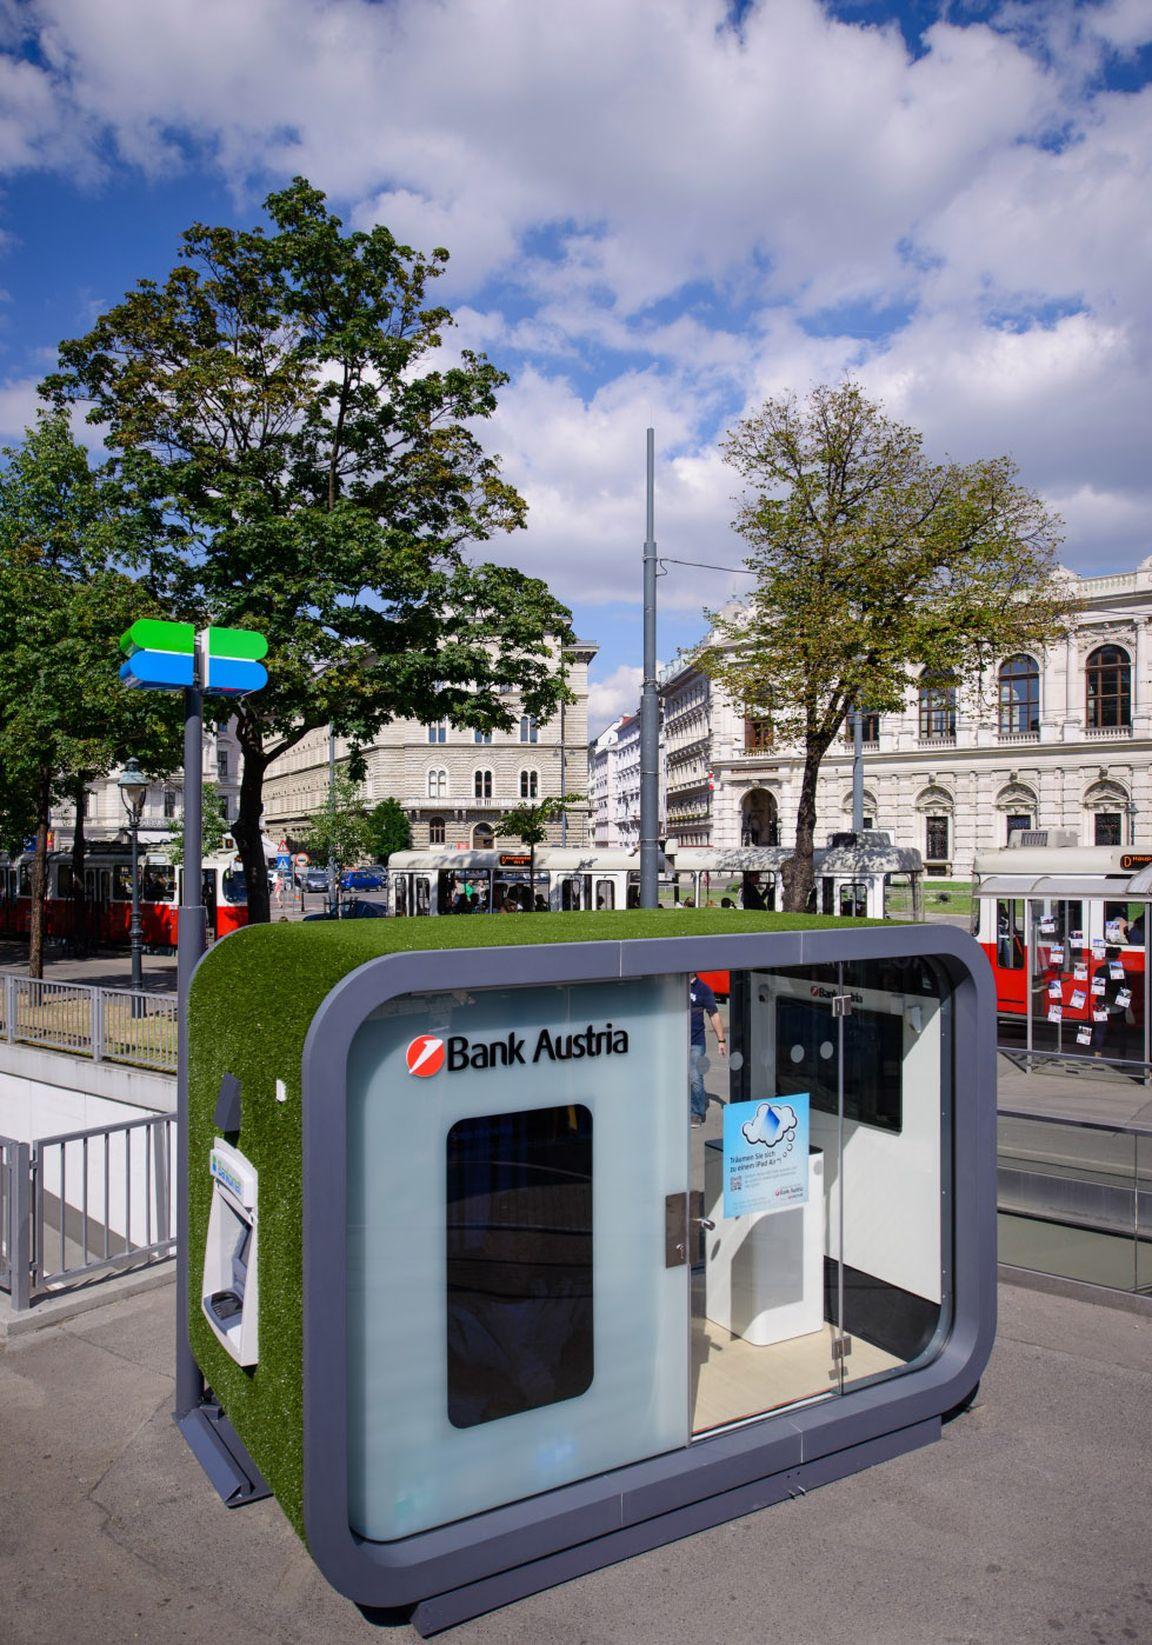 bank austria er ffnet erste mobile filiale. Black Bedroom Furniture Sets. Home Design Ideas